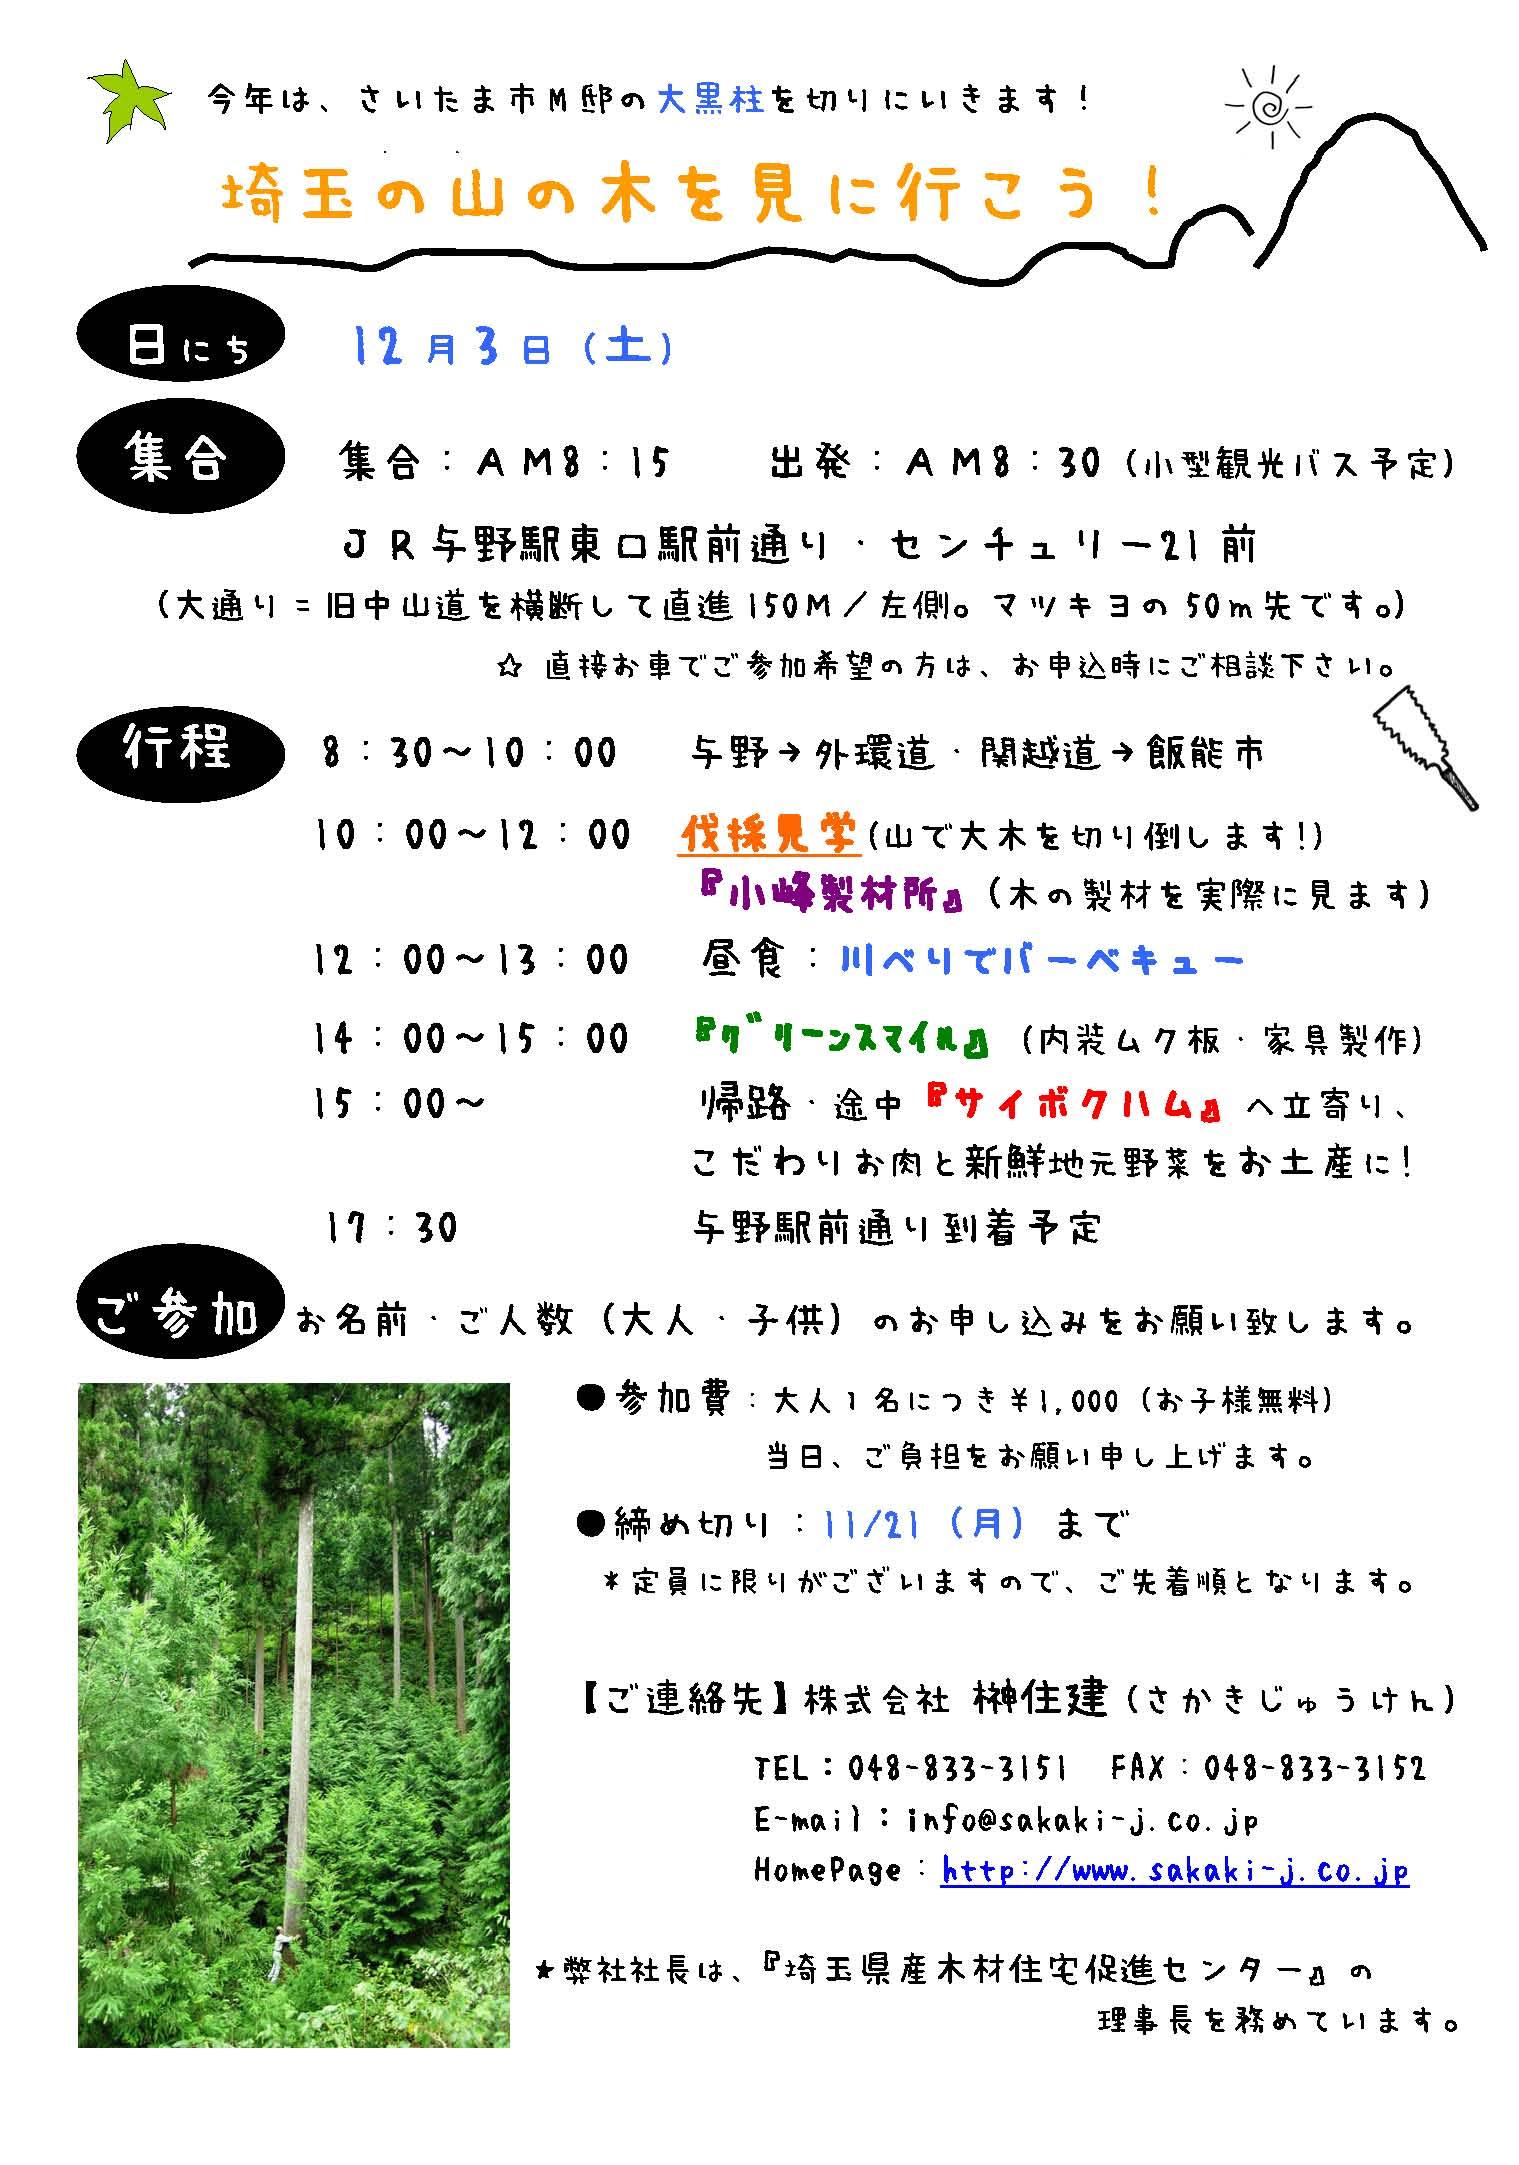 12/3(土) 【埼玉の山の木を見に行こう!】 バスツアー at 飯能